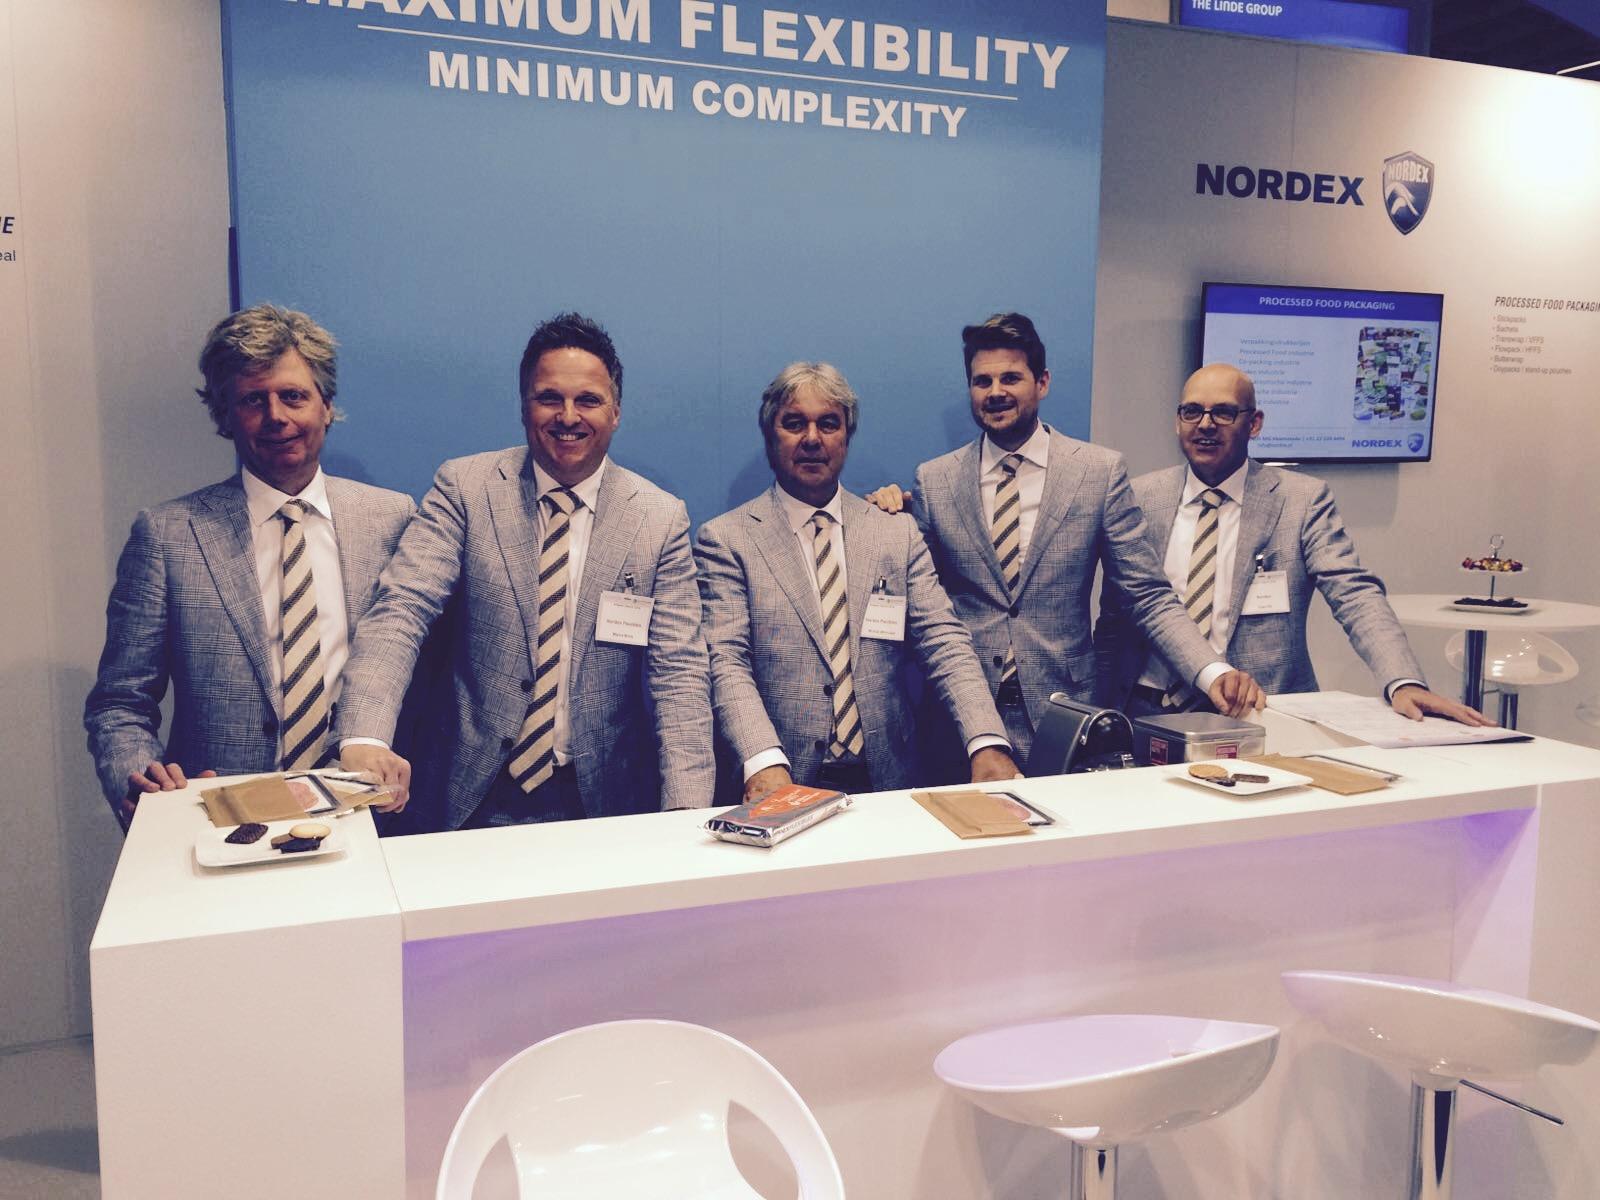 Nordex Emapck team